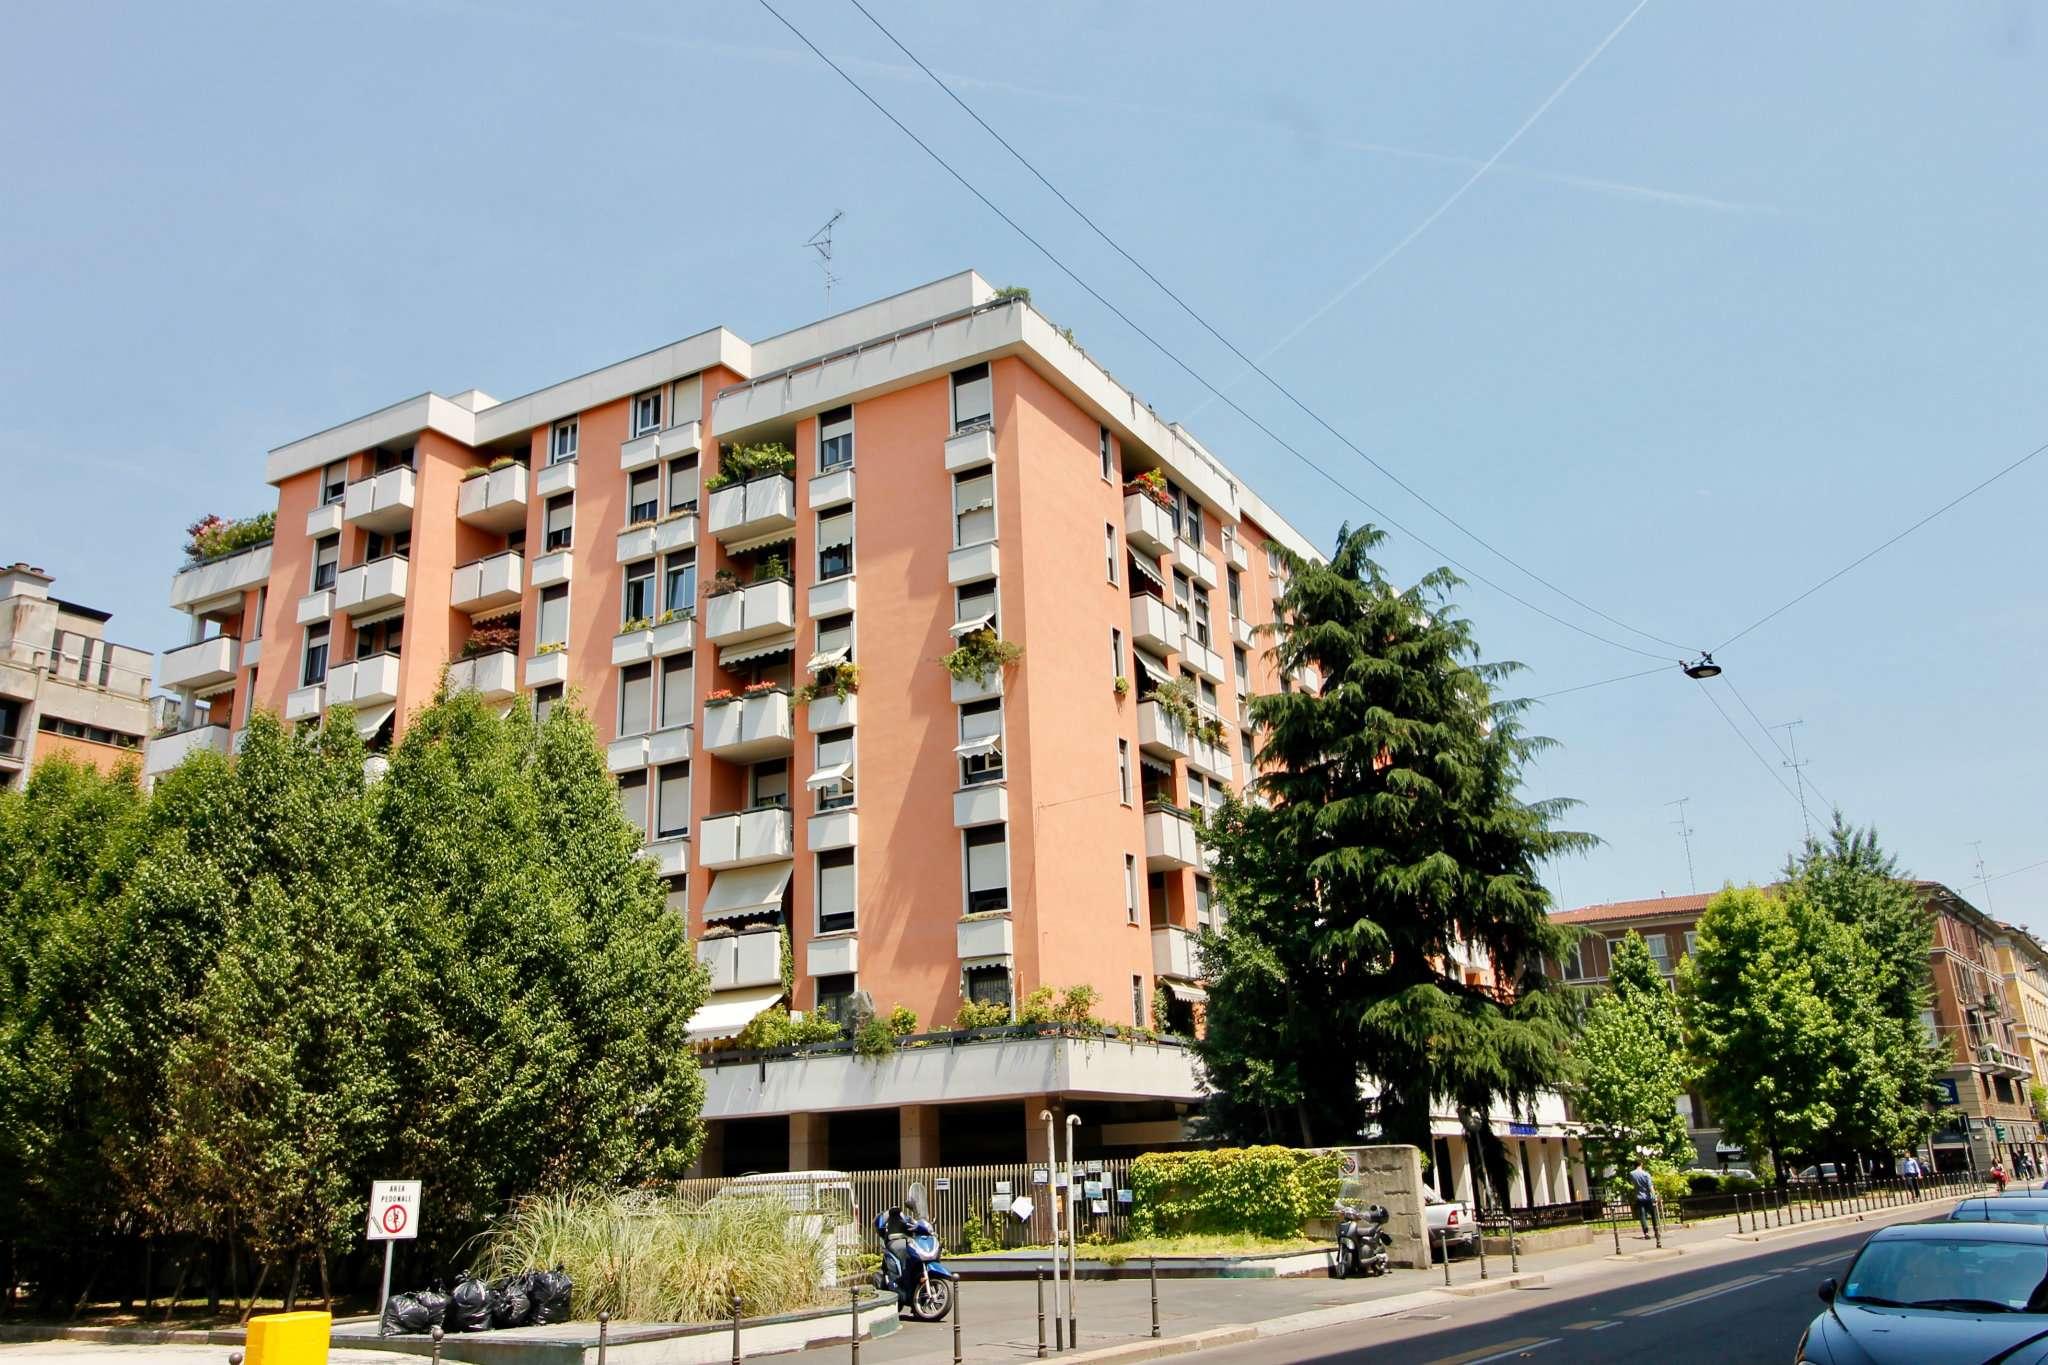 Appartamento in Affitto a Milano 02 Brera / Volta / Repubblica: 4 locali, 144 mq